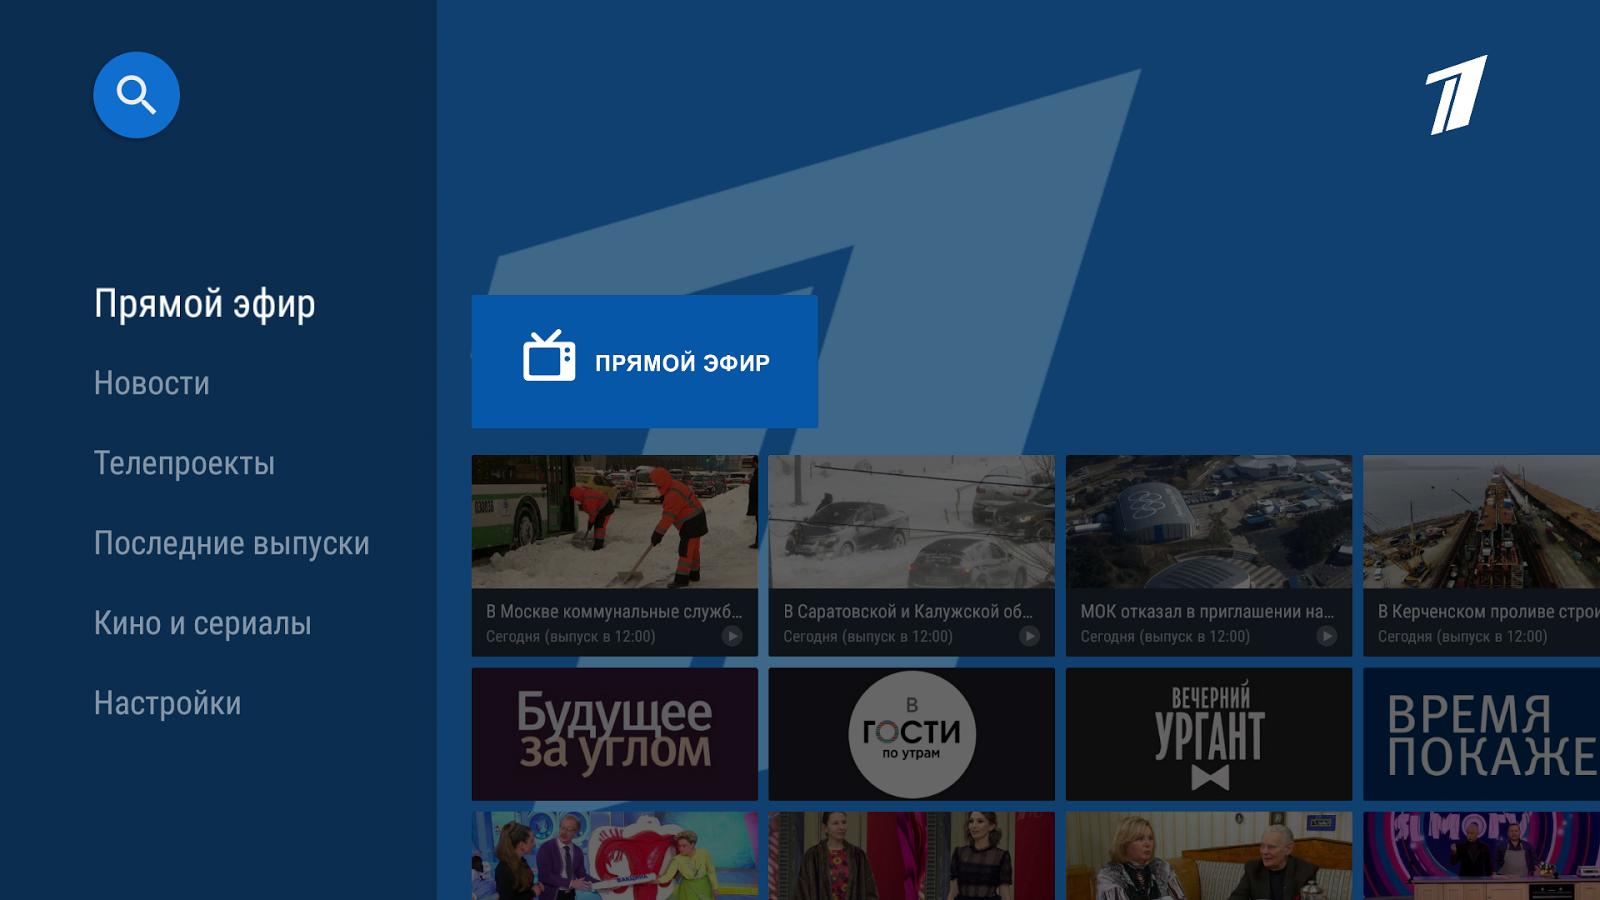 Первый канал Android TV APK Download Free